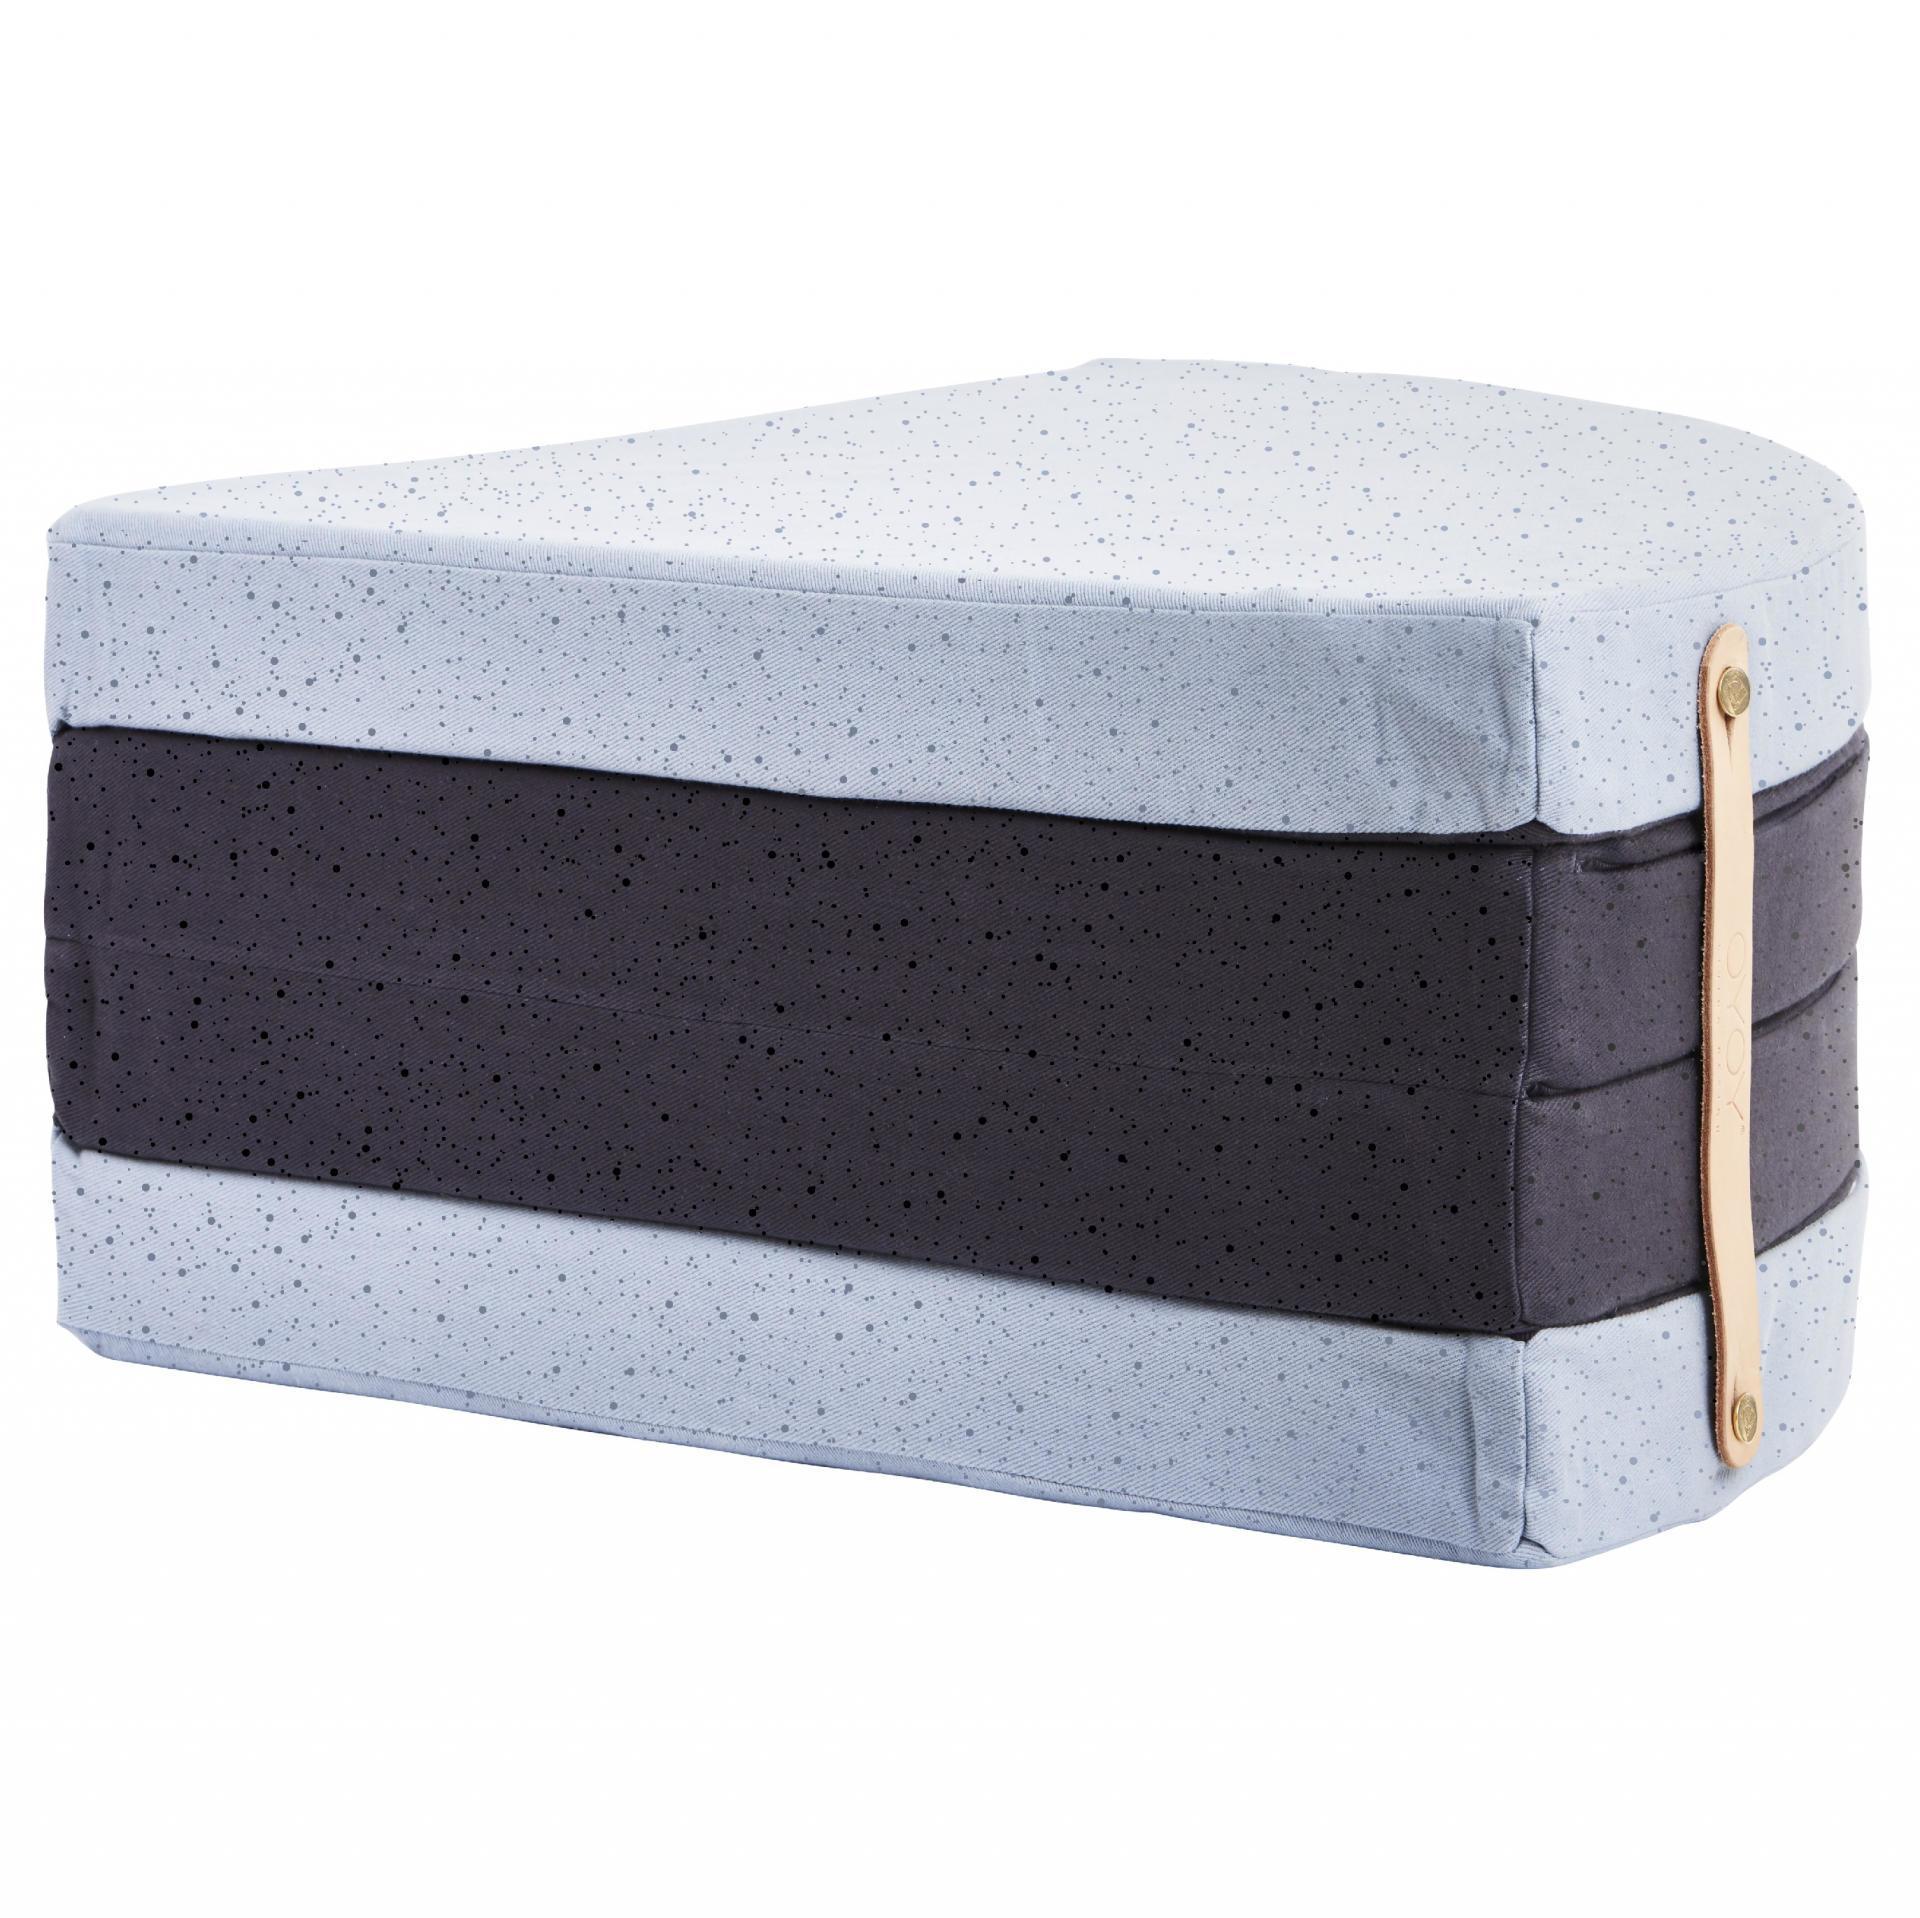 OYOY Skládací matrace A Piece of cake, modrá barva, textil